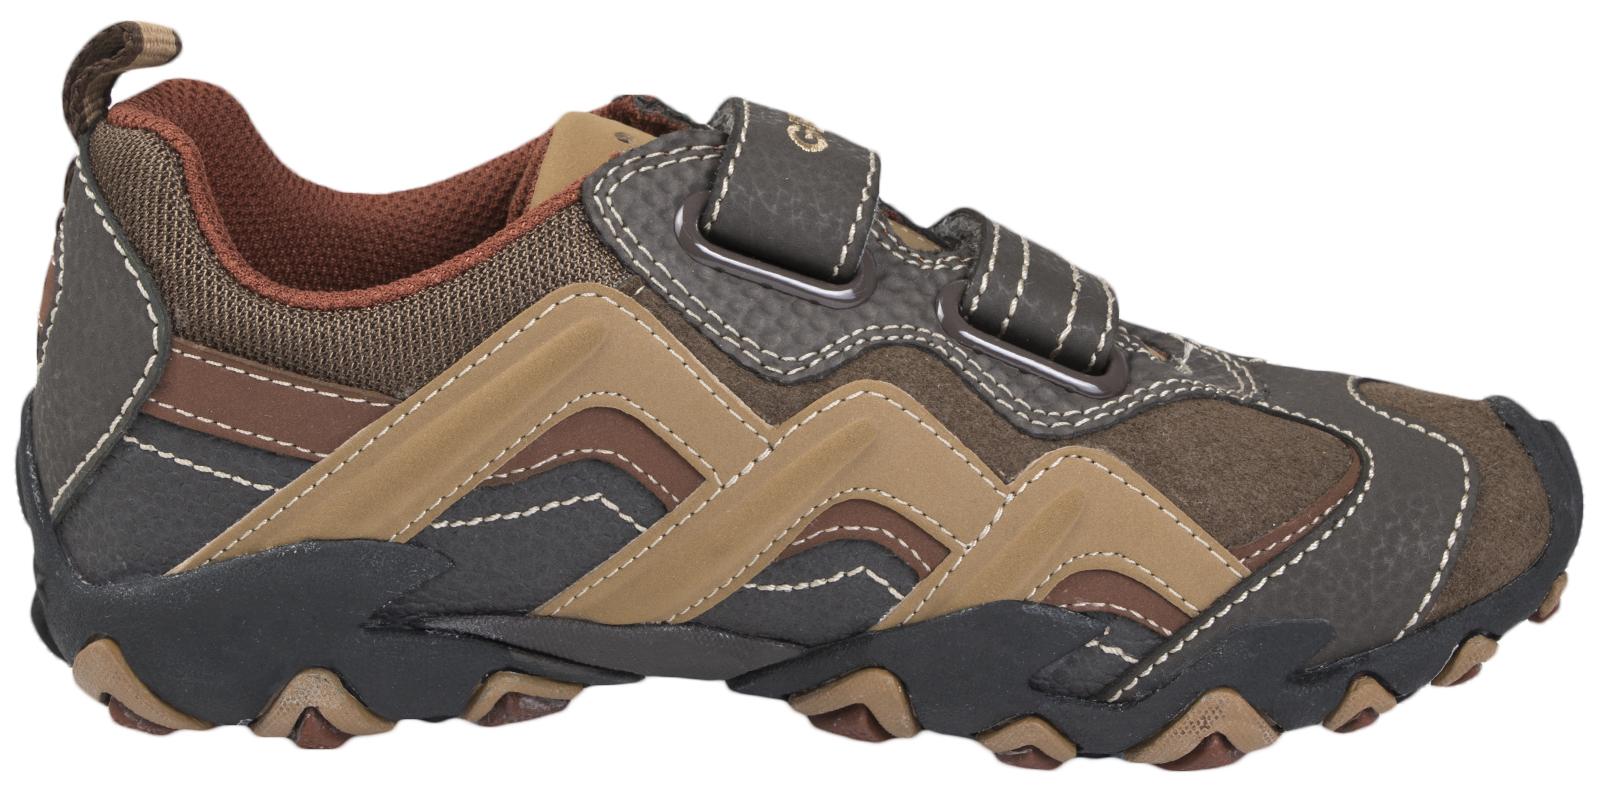 Buy Regatta Summer Shoes